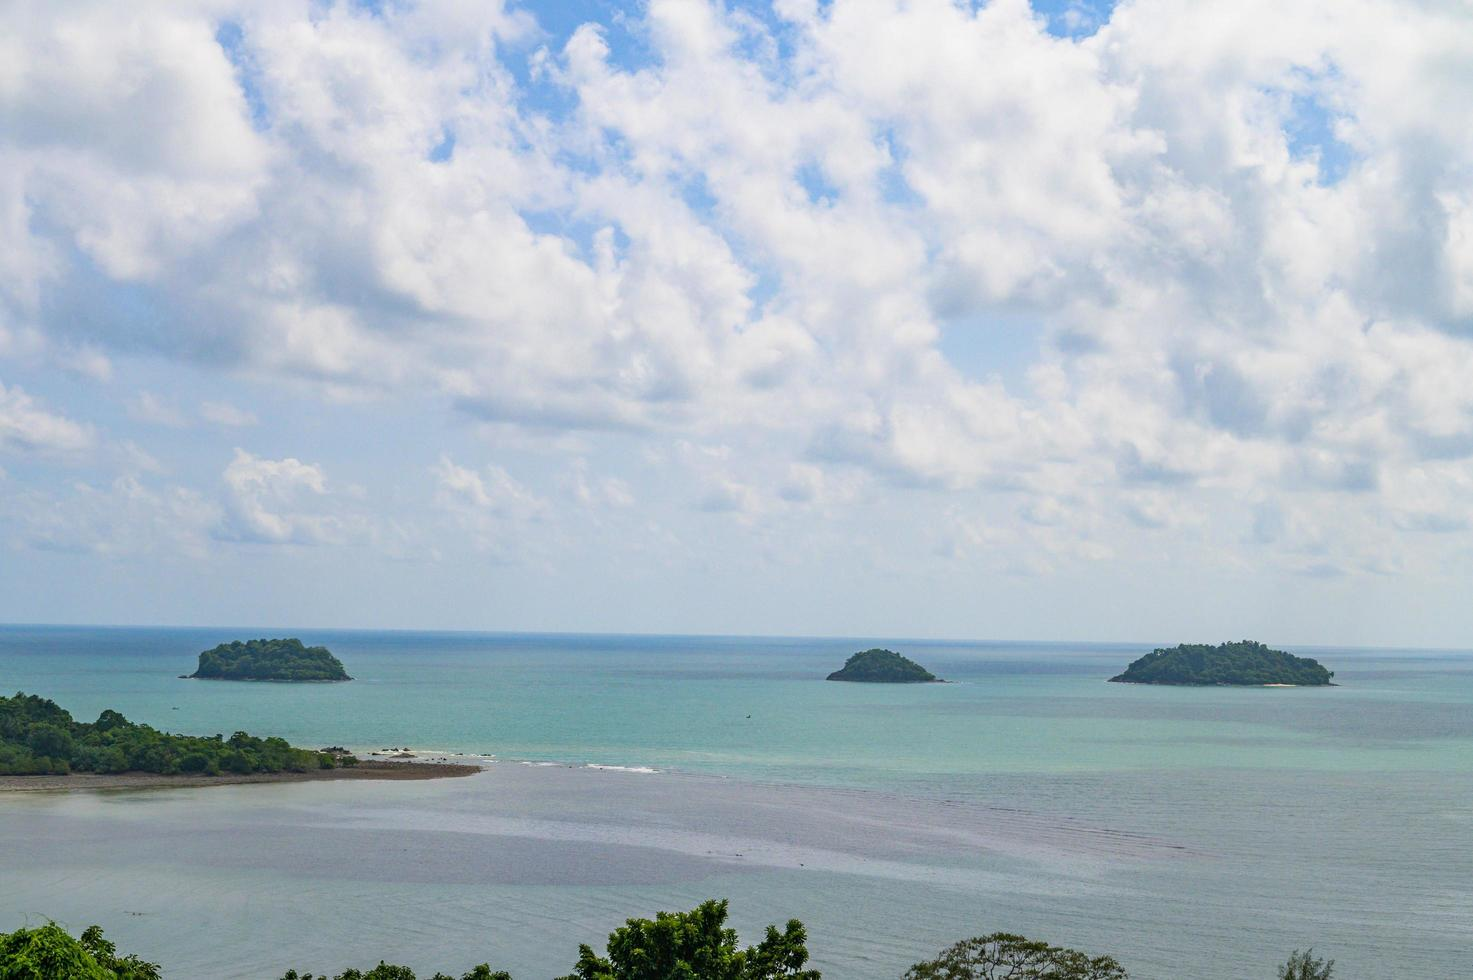 tropisches Meer mit Inseln und Himmel foto